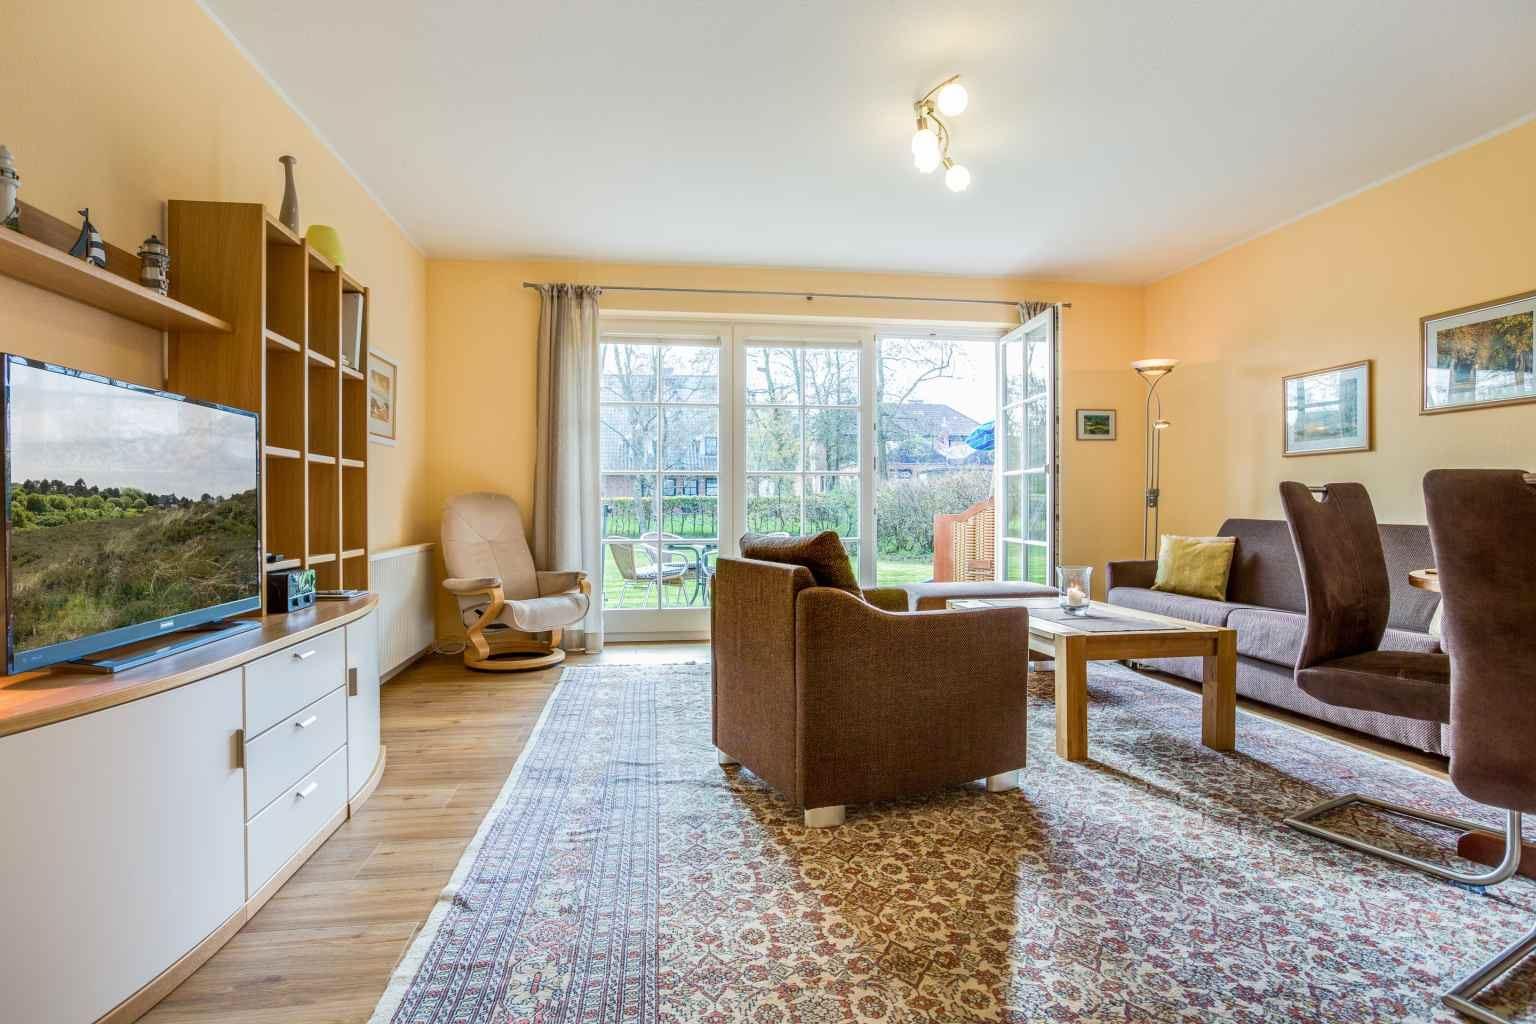 """Wohnzimmer - St Peter Ording Dorf, Haus Feldstrasse 12, Wohnung 1 """"Astrid"""""""